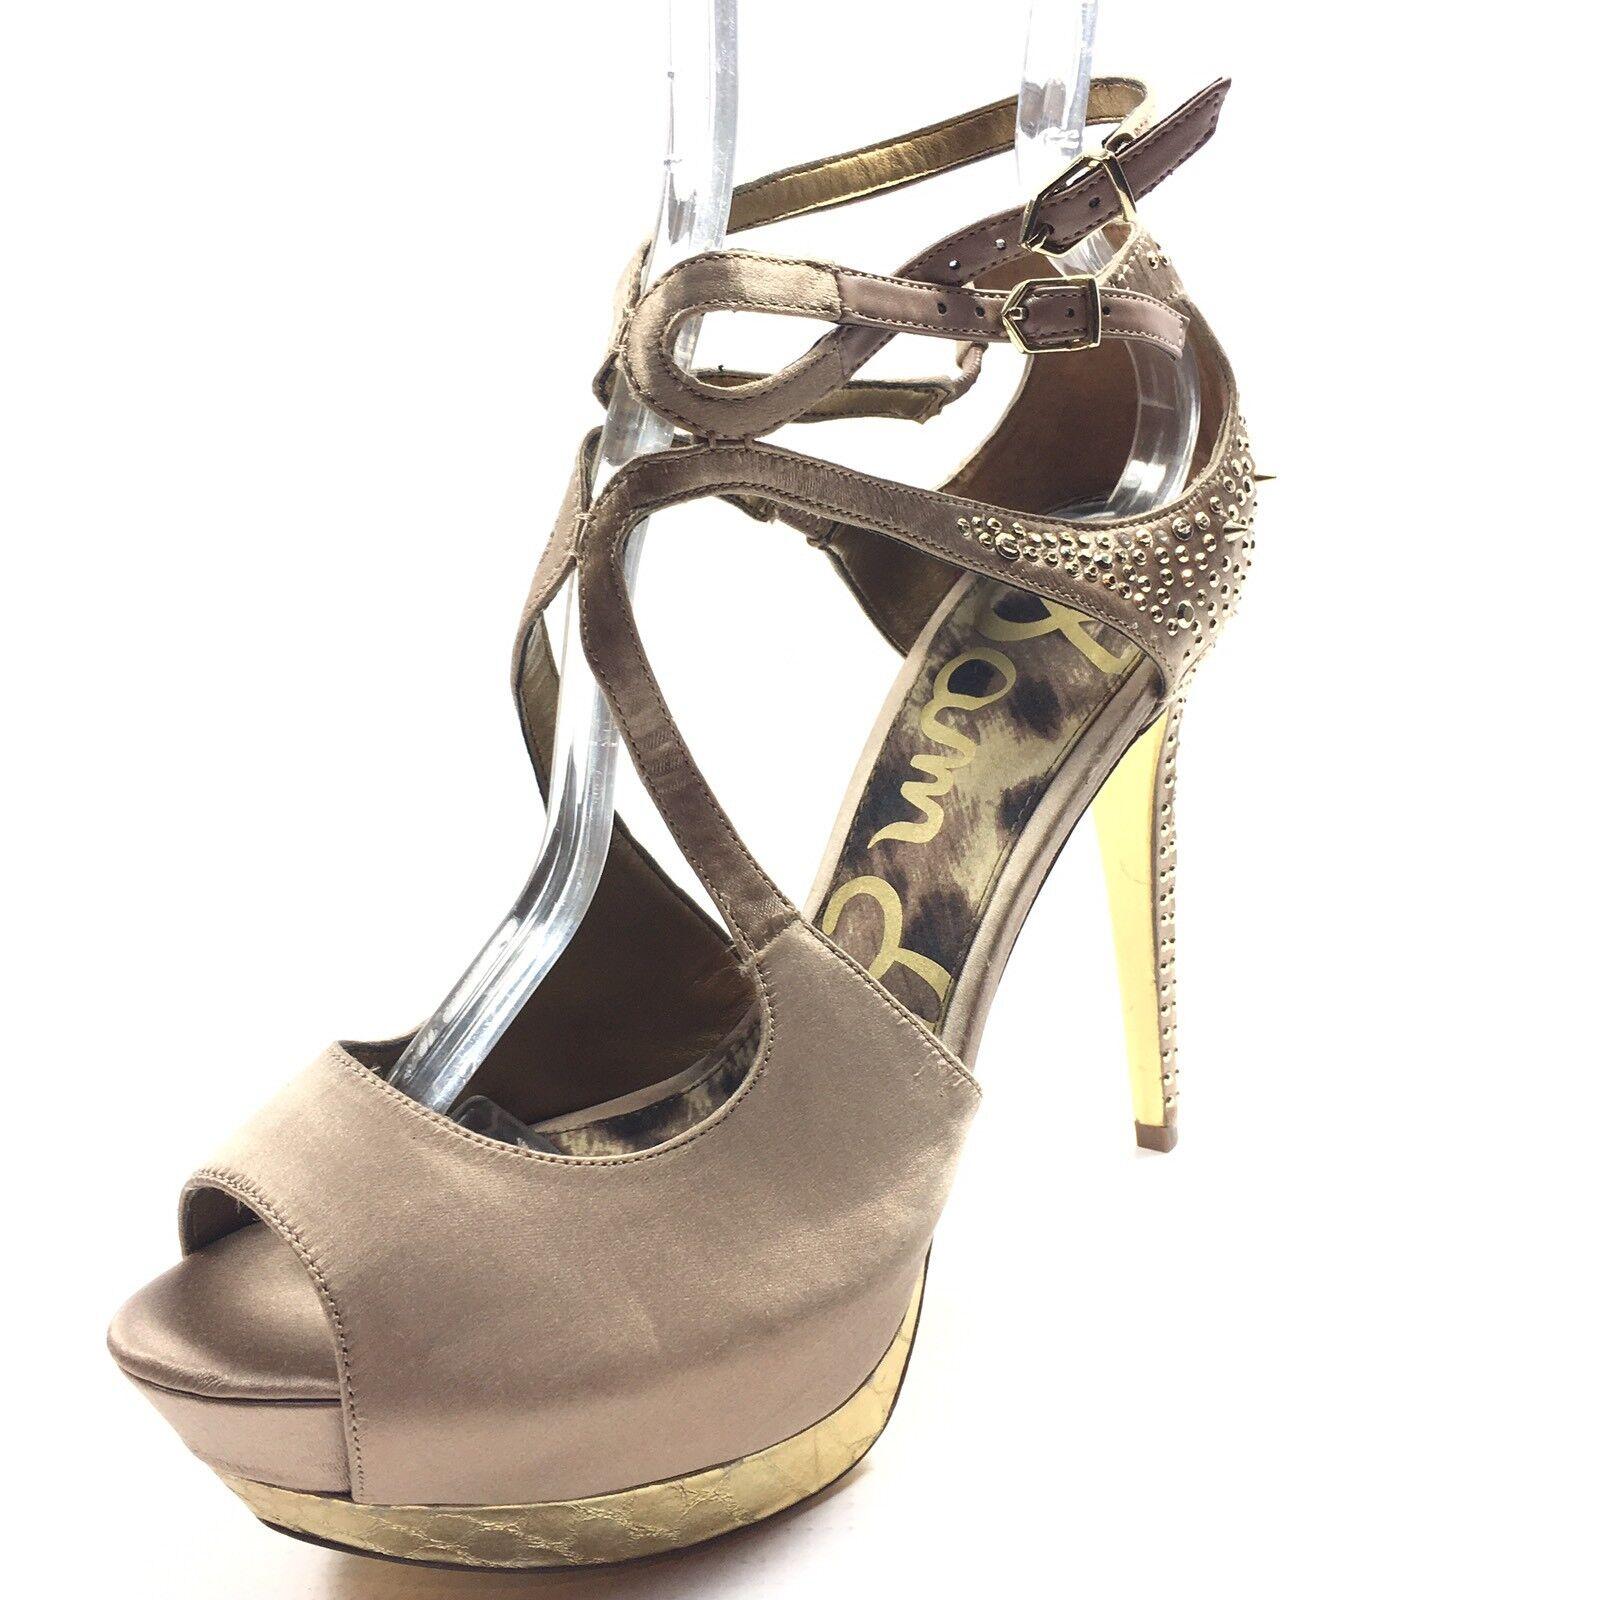 Sam Edelman Pryce Champagne Satin Platform Heel Sandals Women's Size 9.5 M*